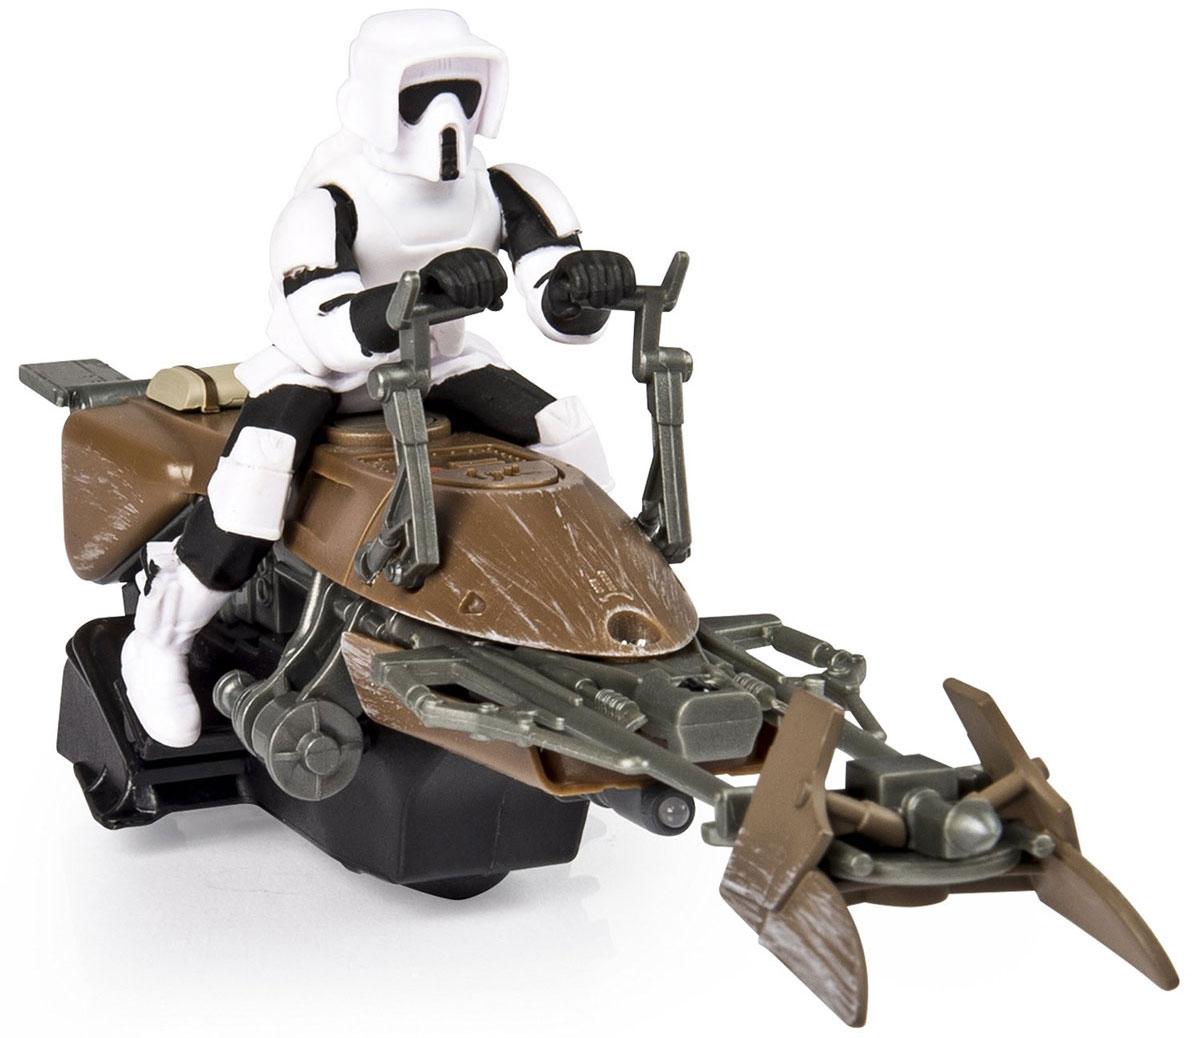 Star Wars Игрушка на радиоуправлении Скоростной байк - Радиоуправляемые игрушки